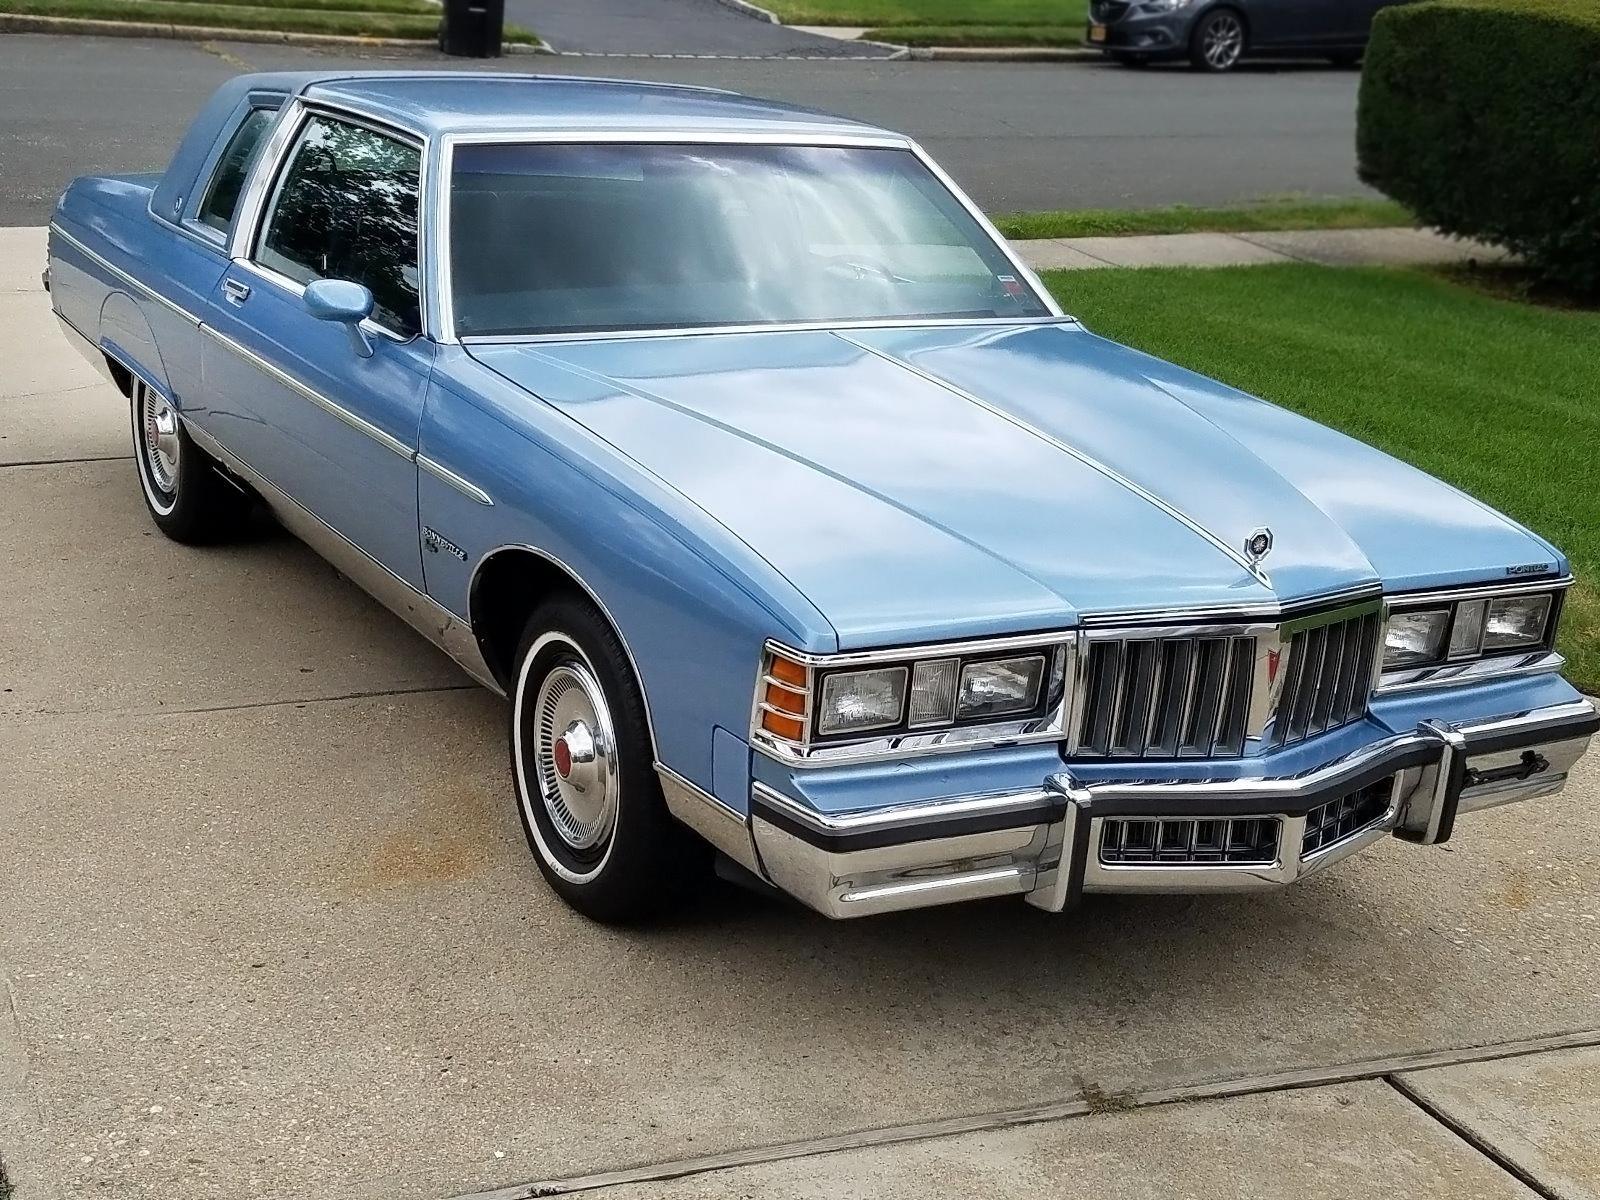 $3,200 Diesel: 1980 Pontiac Bonneville Brougham